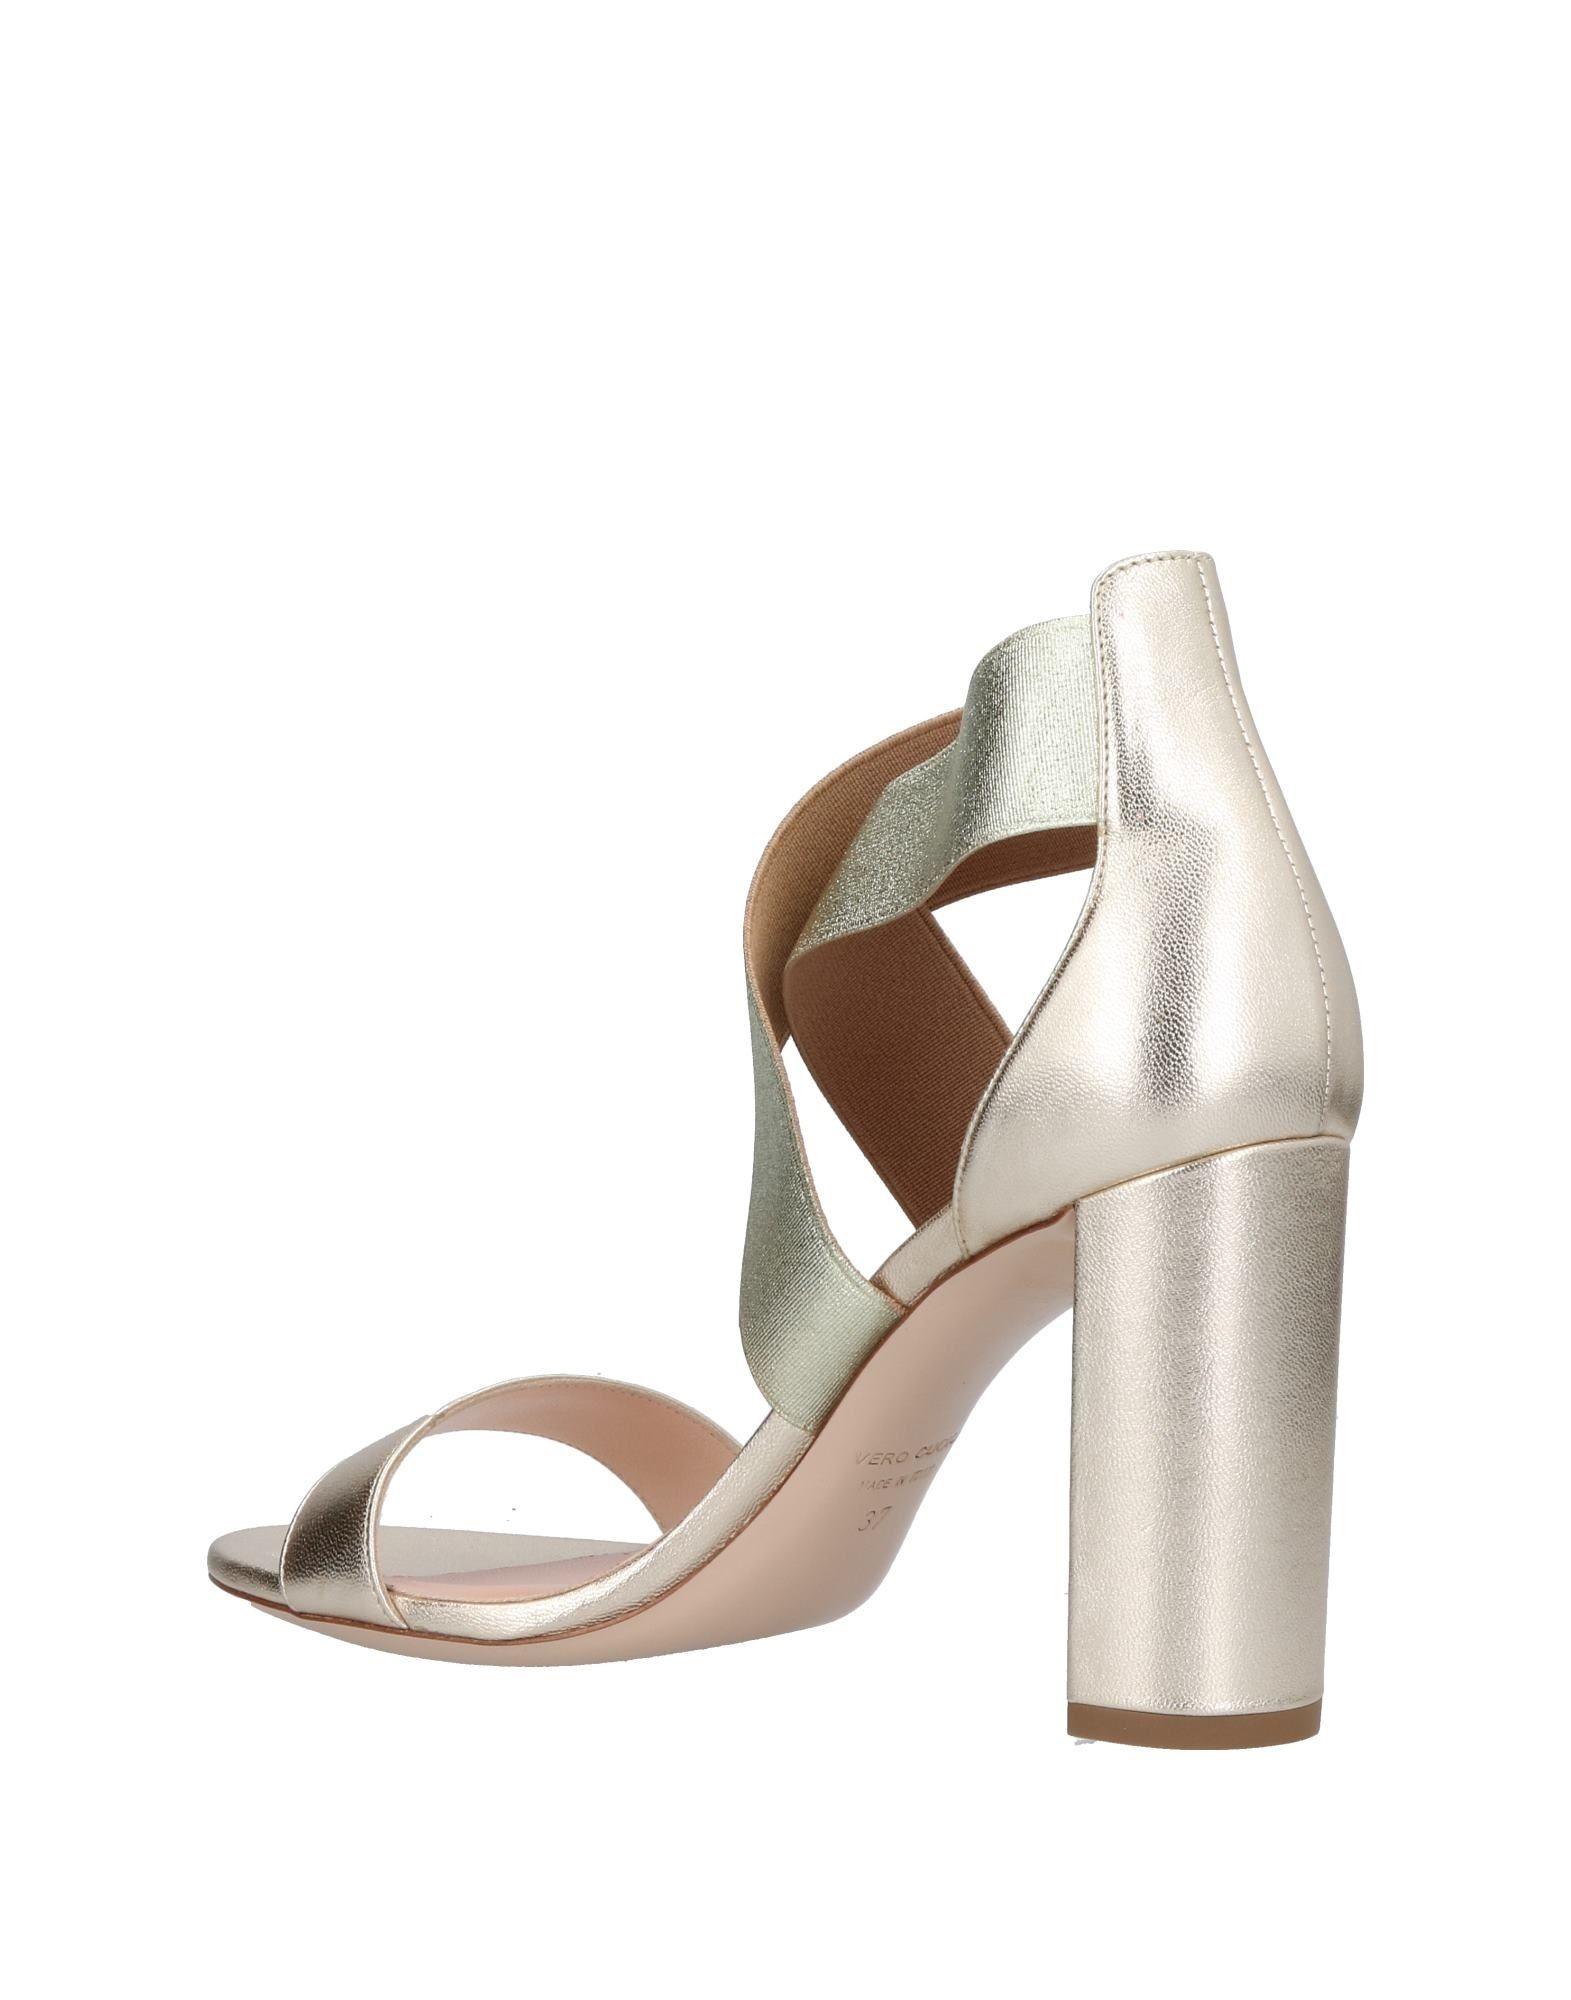 Sandales Deimille Femme - Sandales Deimille sur